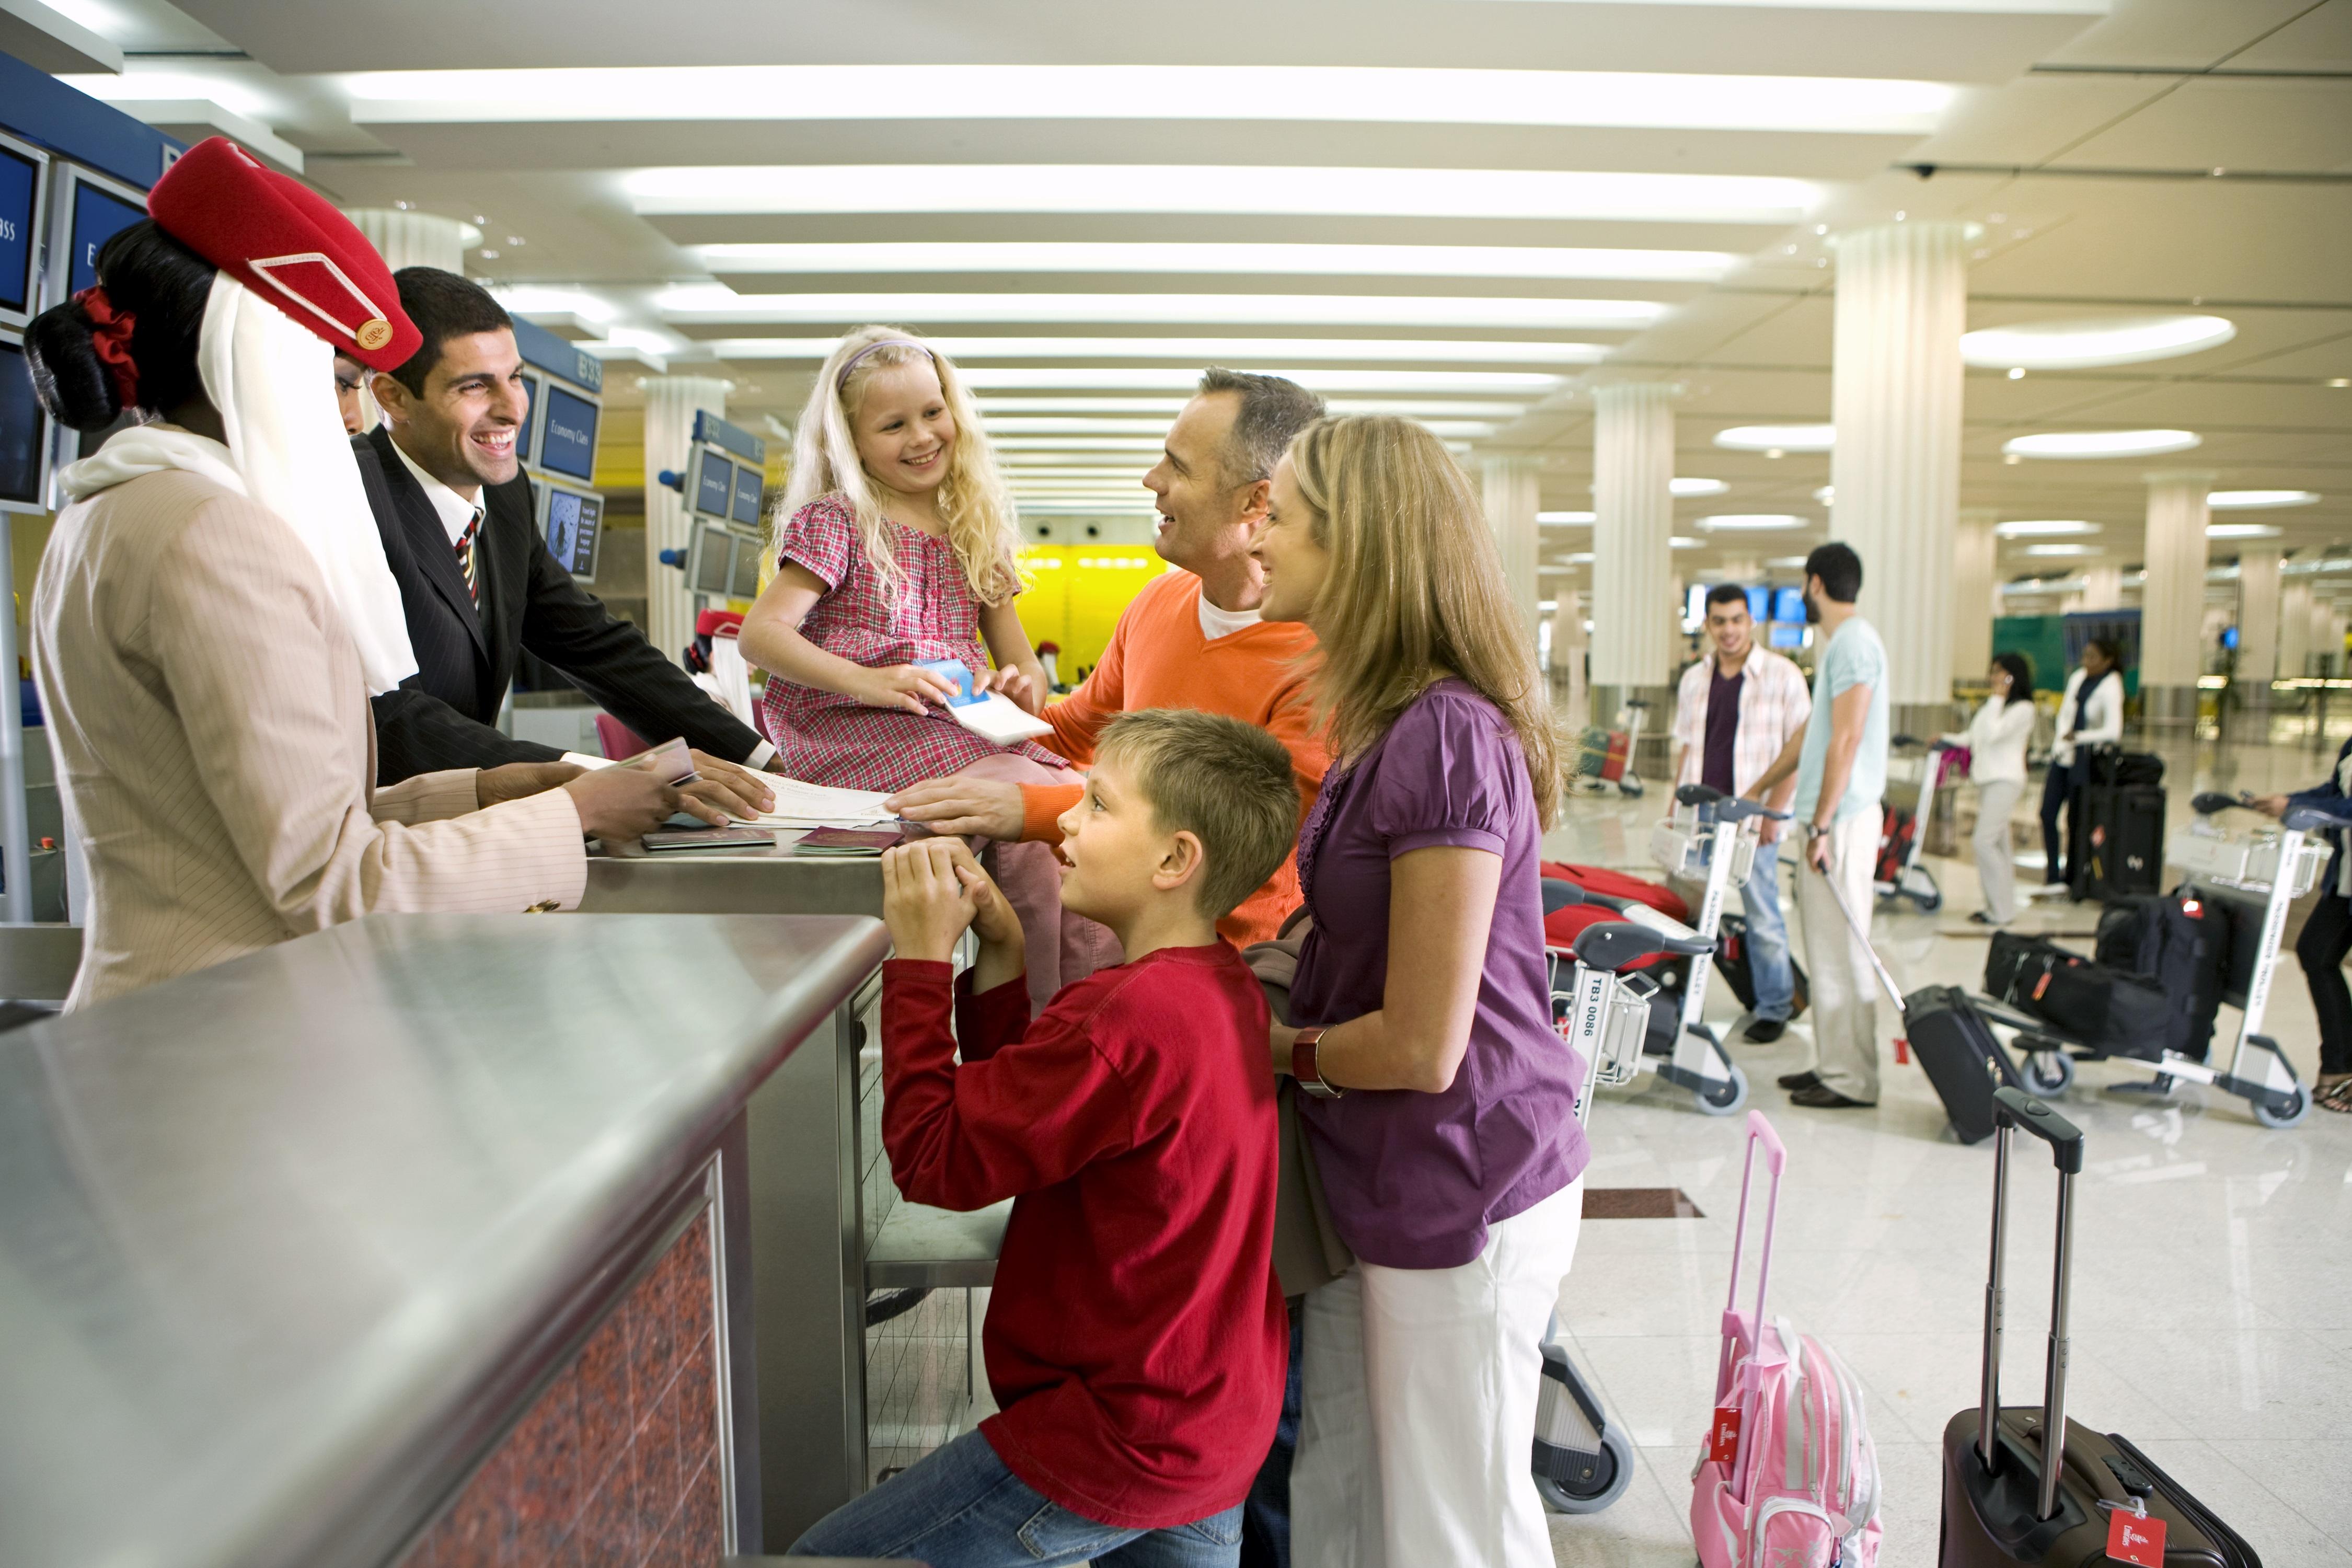 Emirates Holiays vil åbne rejsebureau i Danmark – men har endnu ikke oplyst om det bliver under eget navn eller ved at købe eksisterende dansk rejsebureau. Foto: Emirates Group.